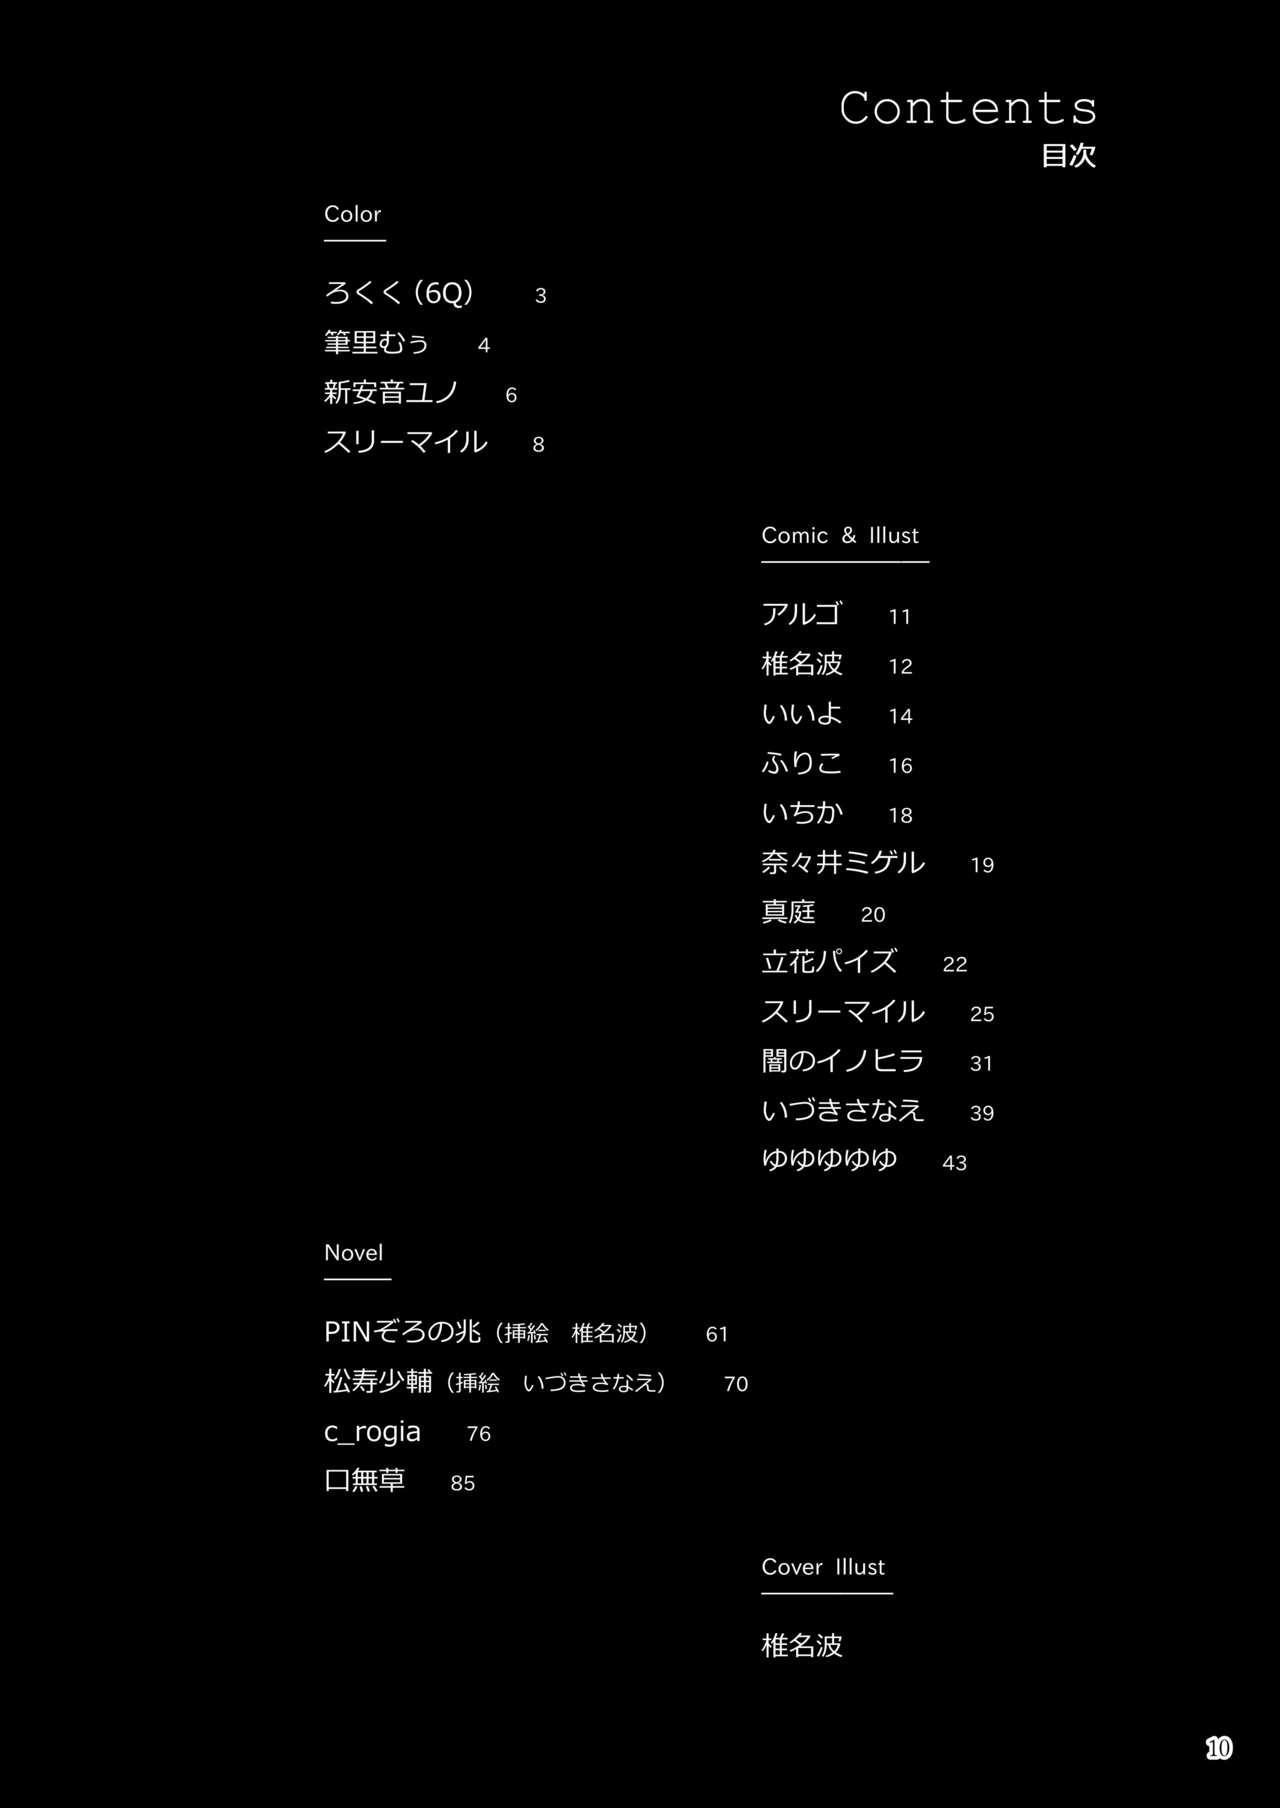 ア○スギア総合スカトロアンソロジー アクトレス排泄実態調査任務~スカポためるっすか!?~ 9